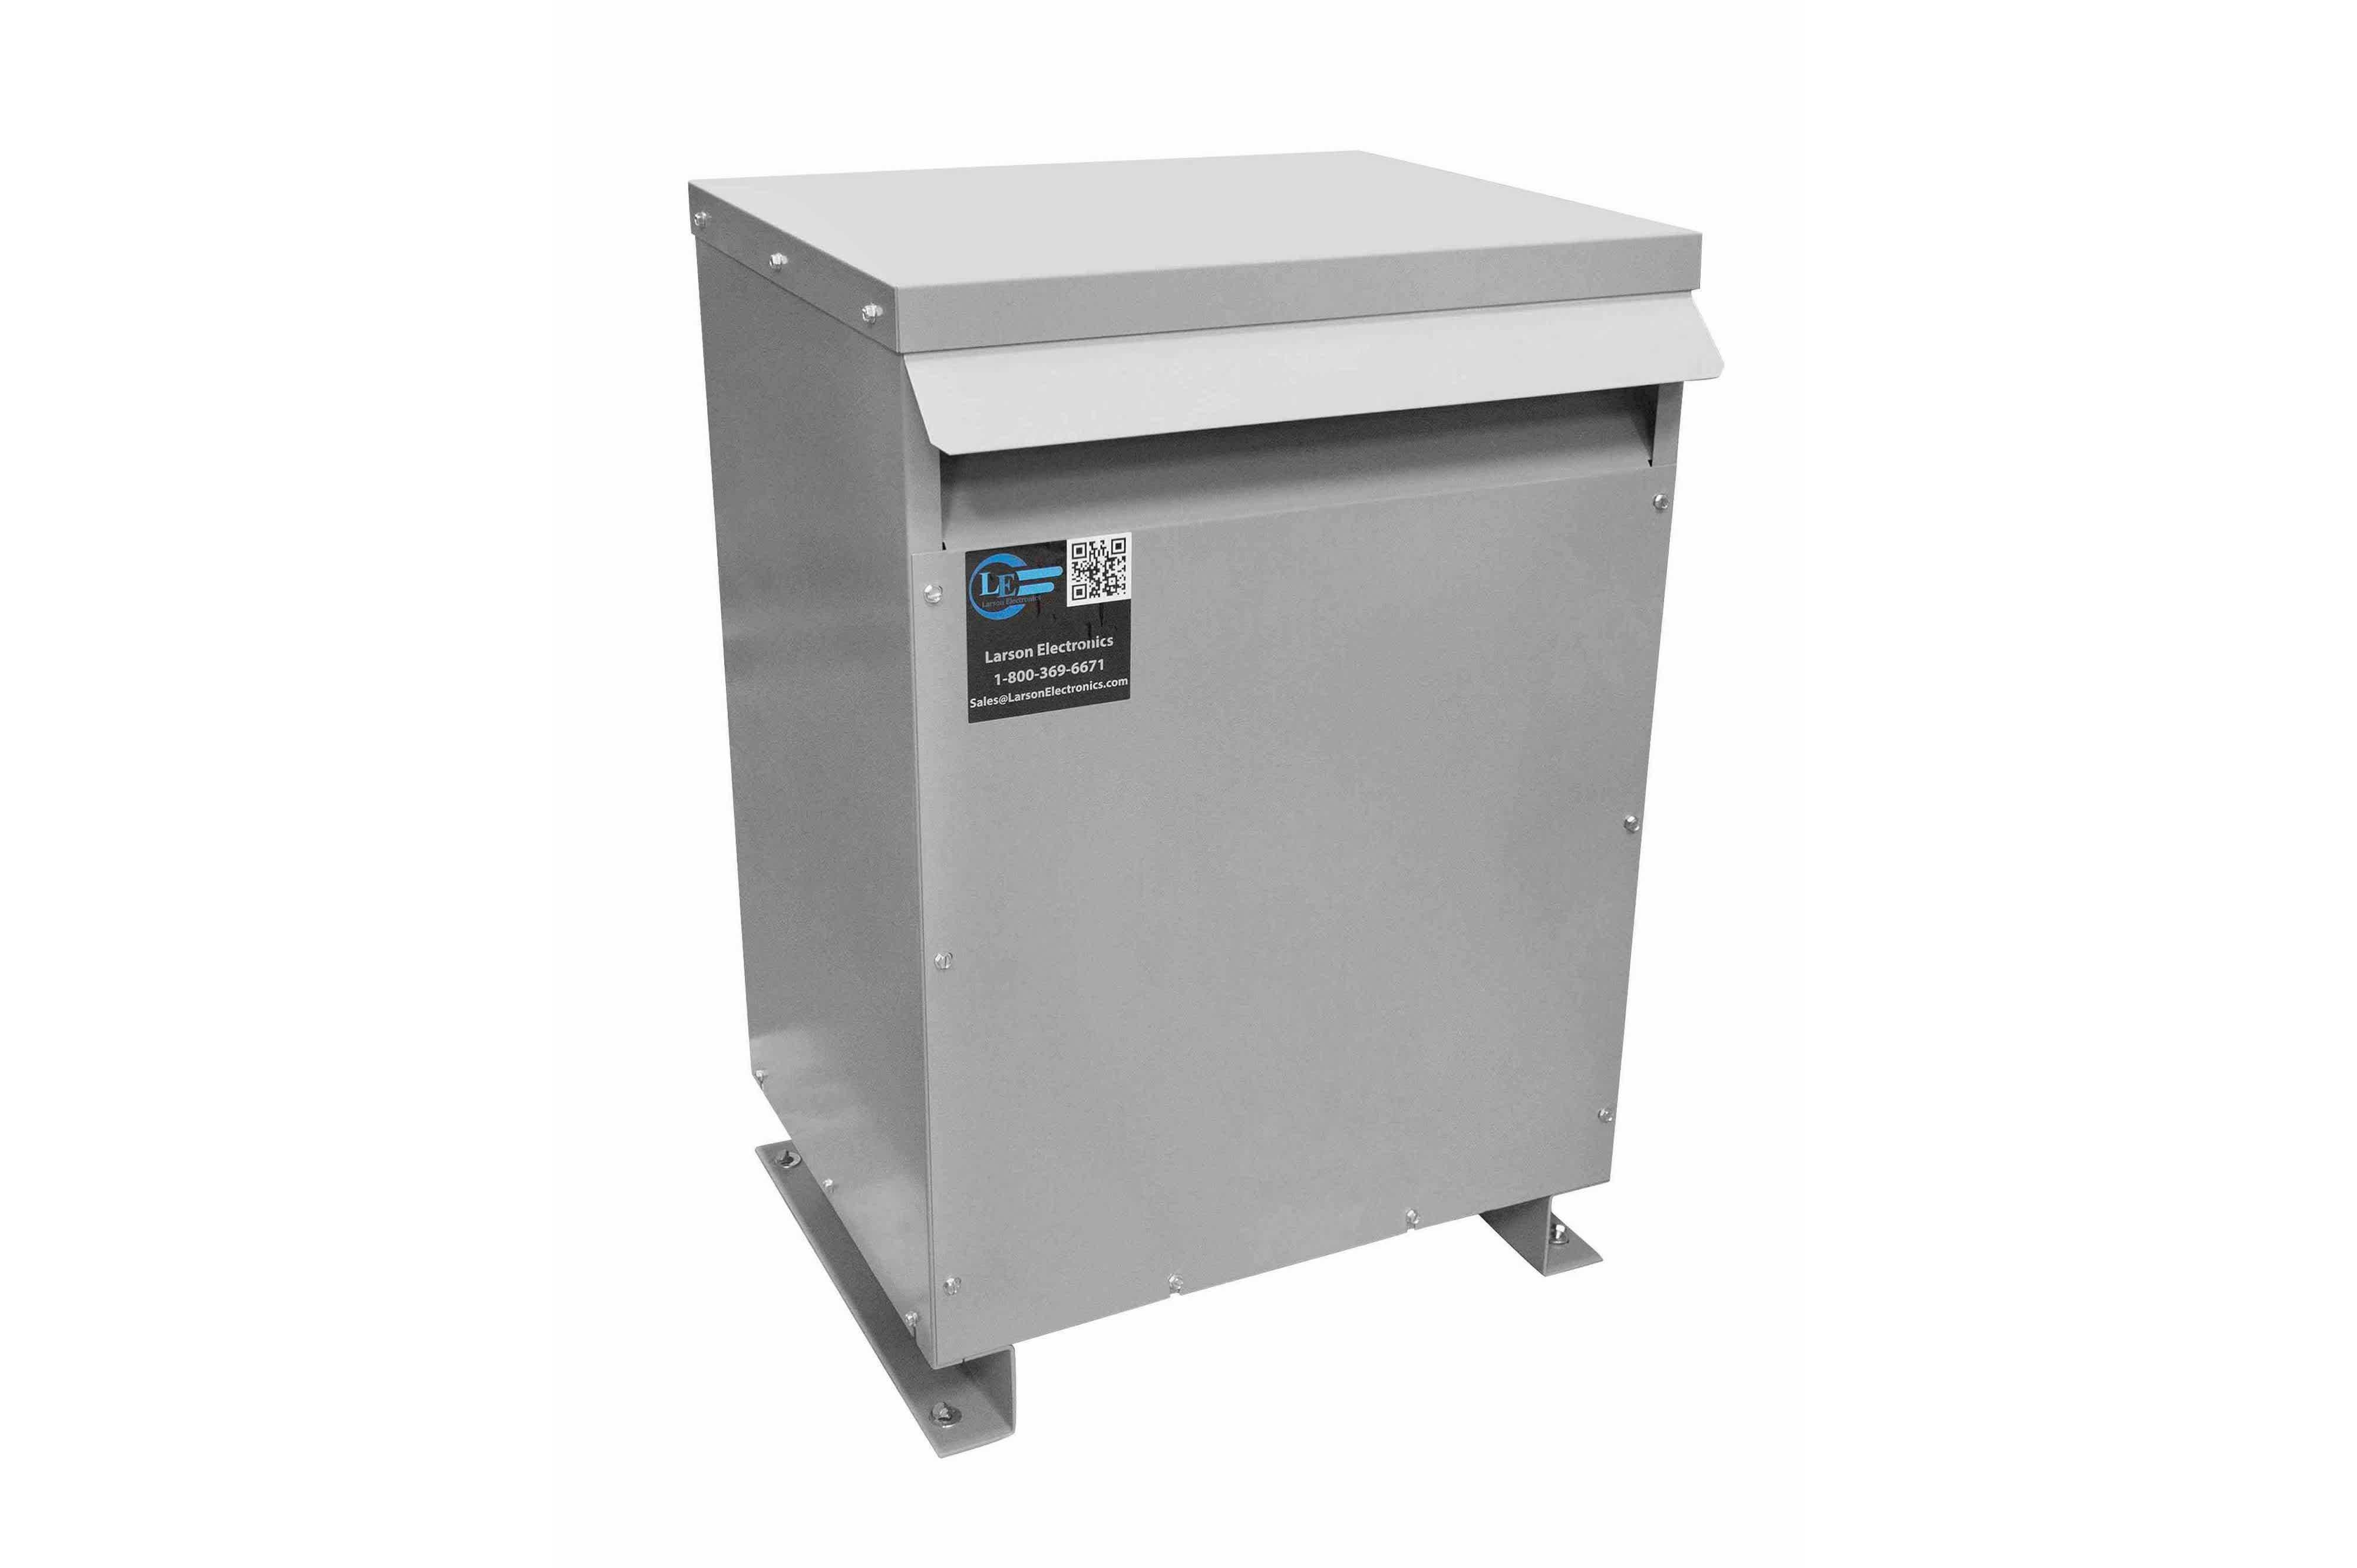 150 kVA 3PH Isolation Transformer, 415V Delta Primary, 600V Delta Secondary, N3R, Ventilated, 60 Hz